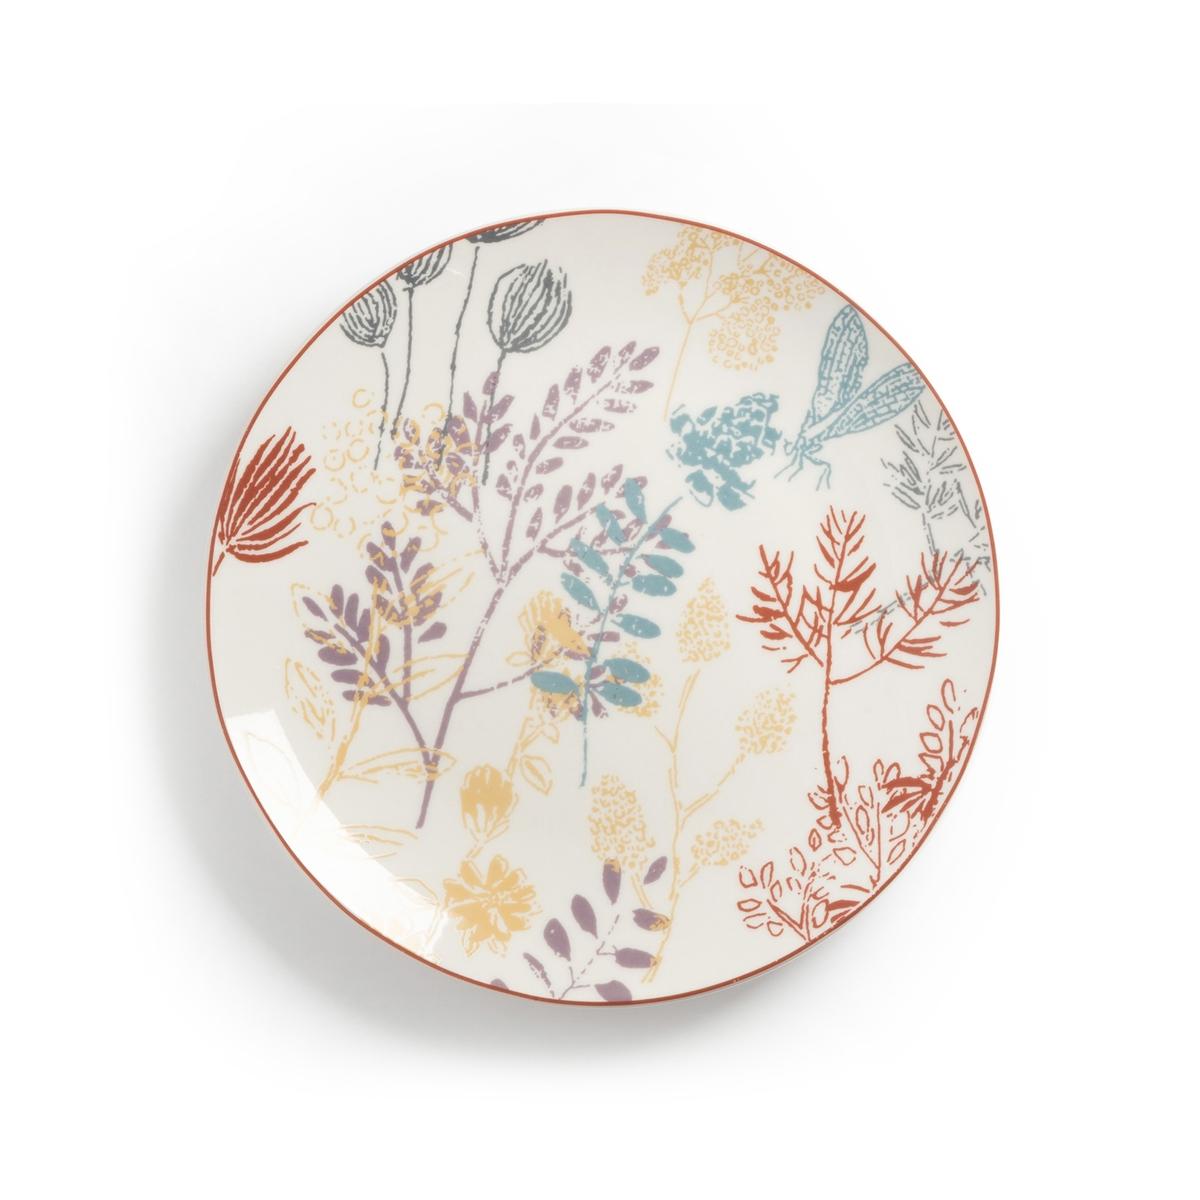 Десертных La Redoute Тарелки ERBAL единый размер другие плоские la redoute тарелки из эмалированной керамики attale единый размер каштановый